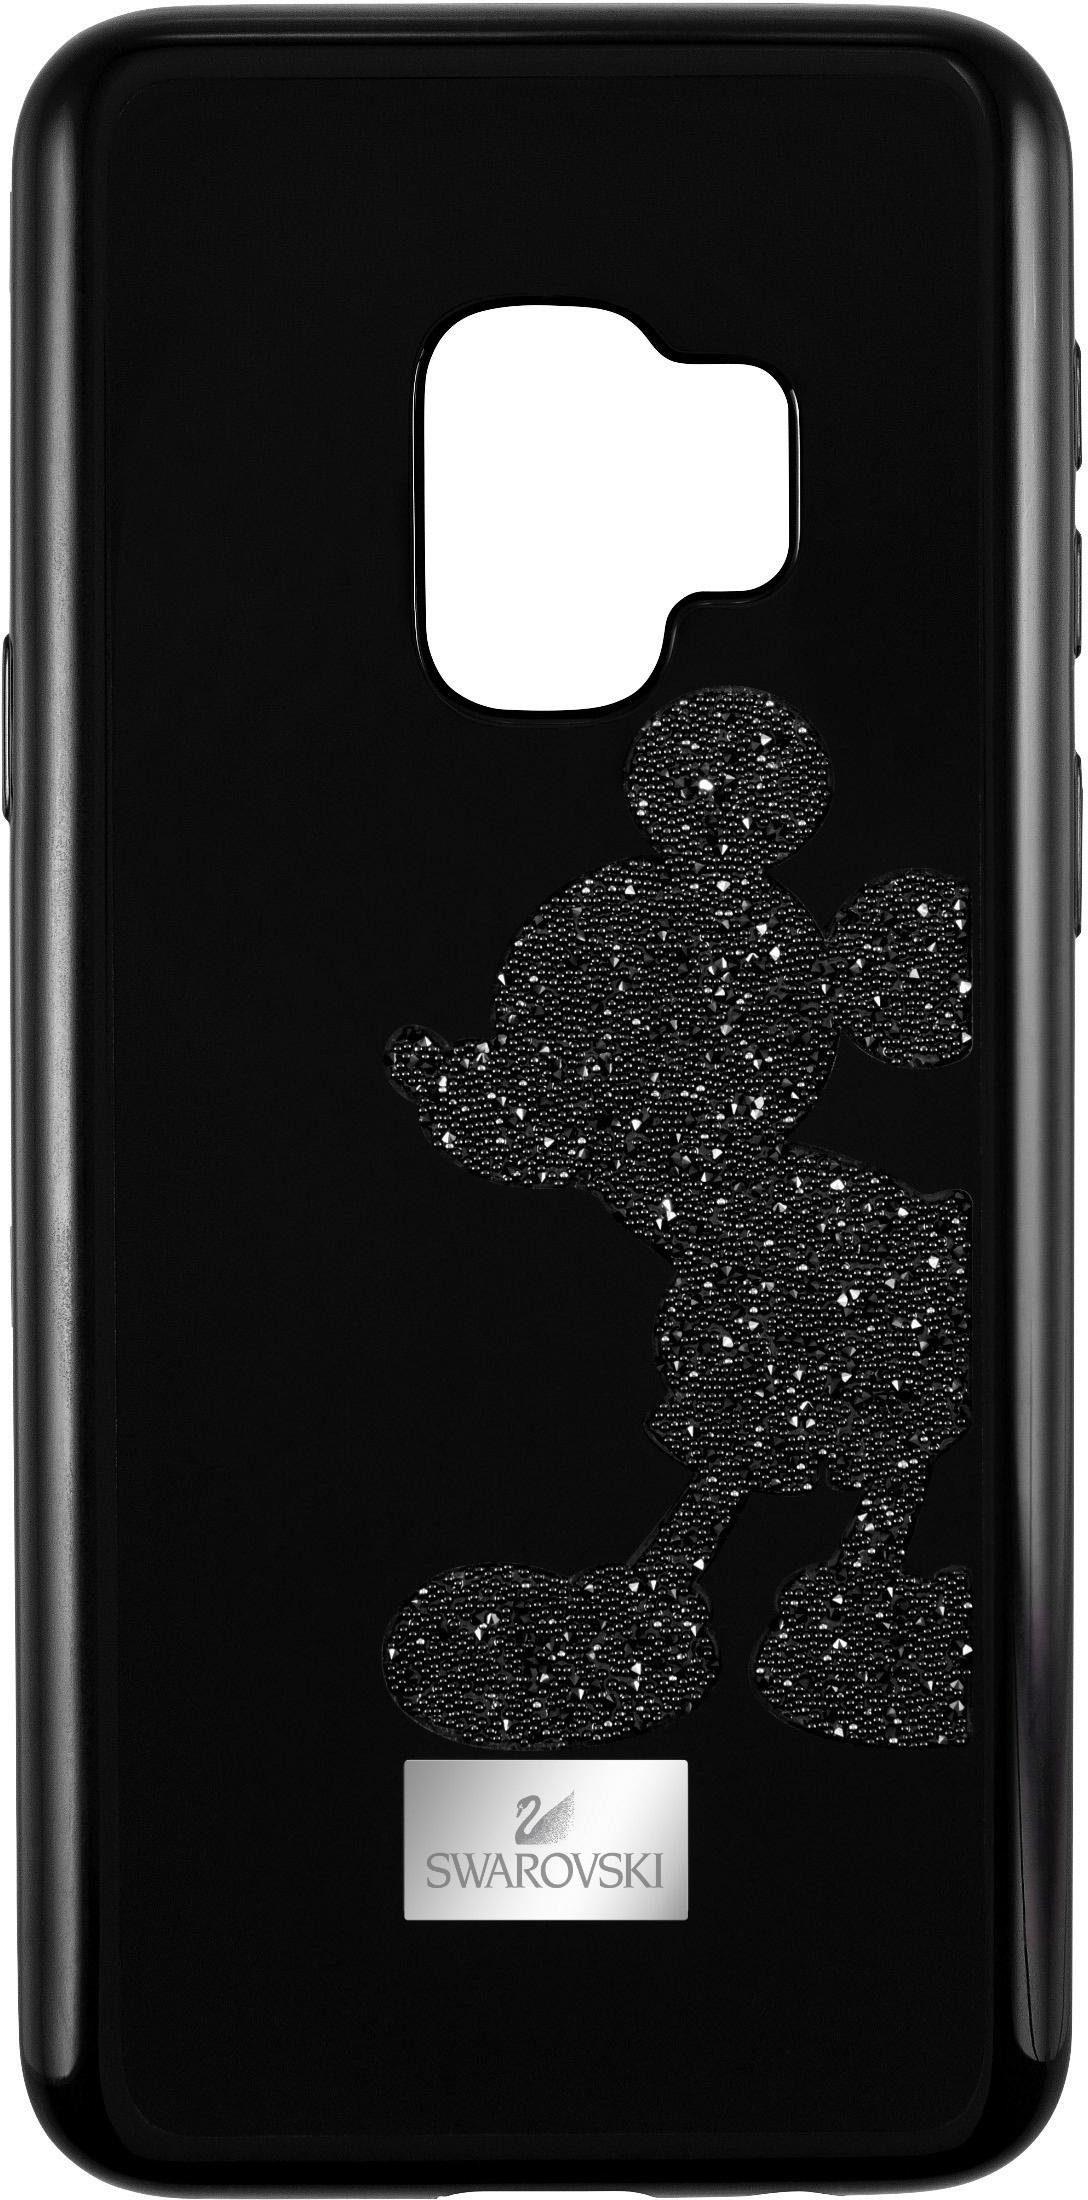 Swarovski »Mickey Body Etui mit integriertem Bumper, Samsung Galaxy S® 9, 5449138« Smartphone-Hülle Samsung Galaxy S® 9